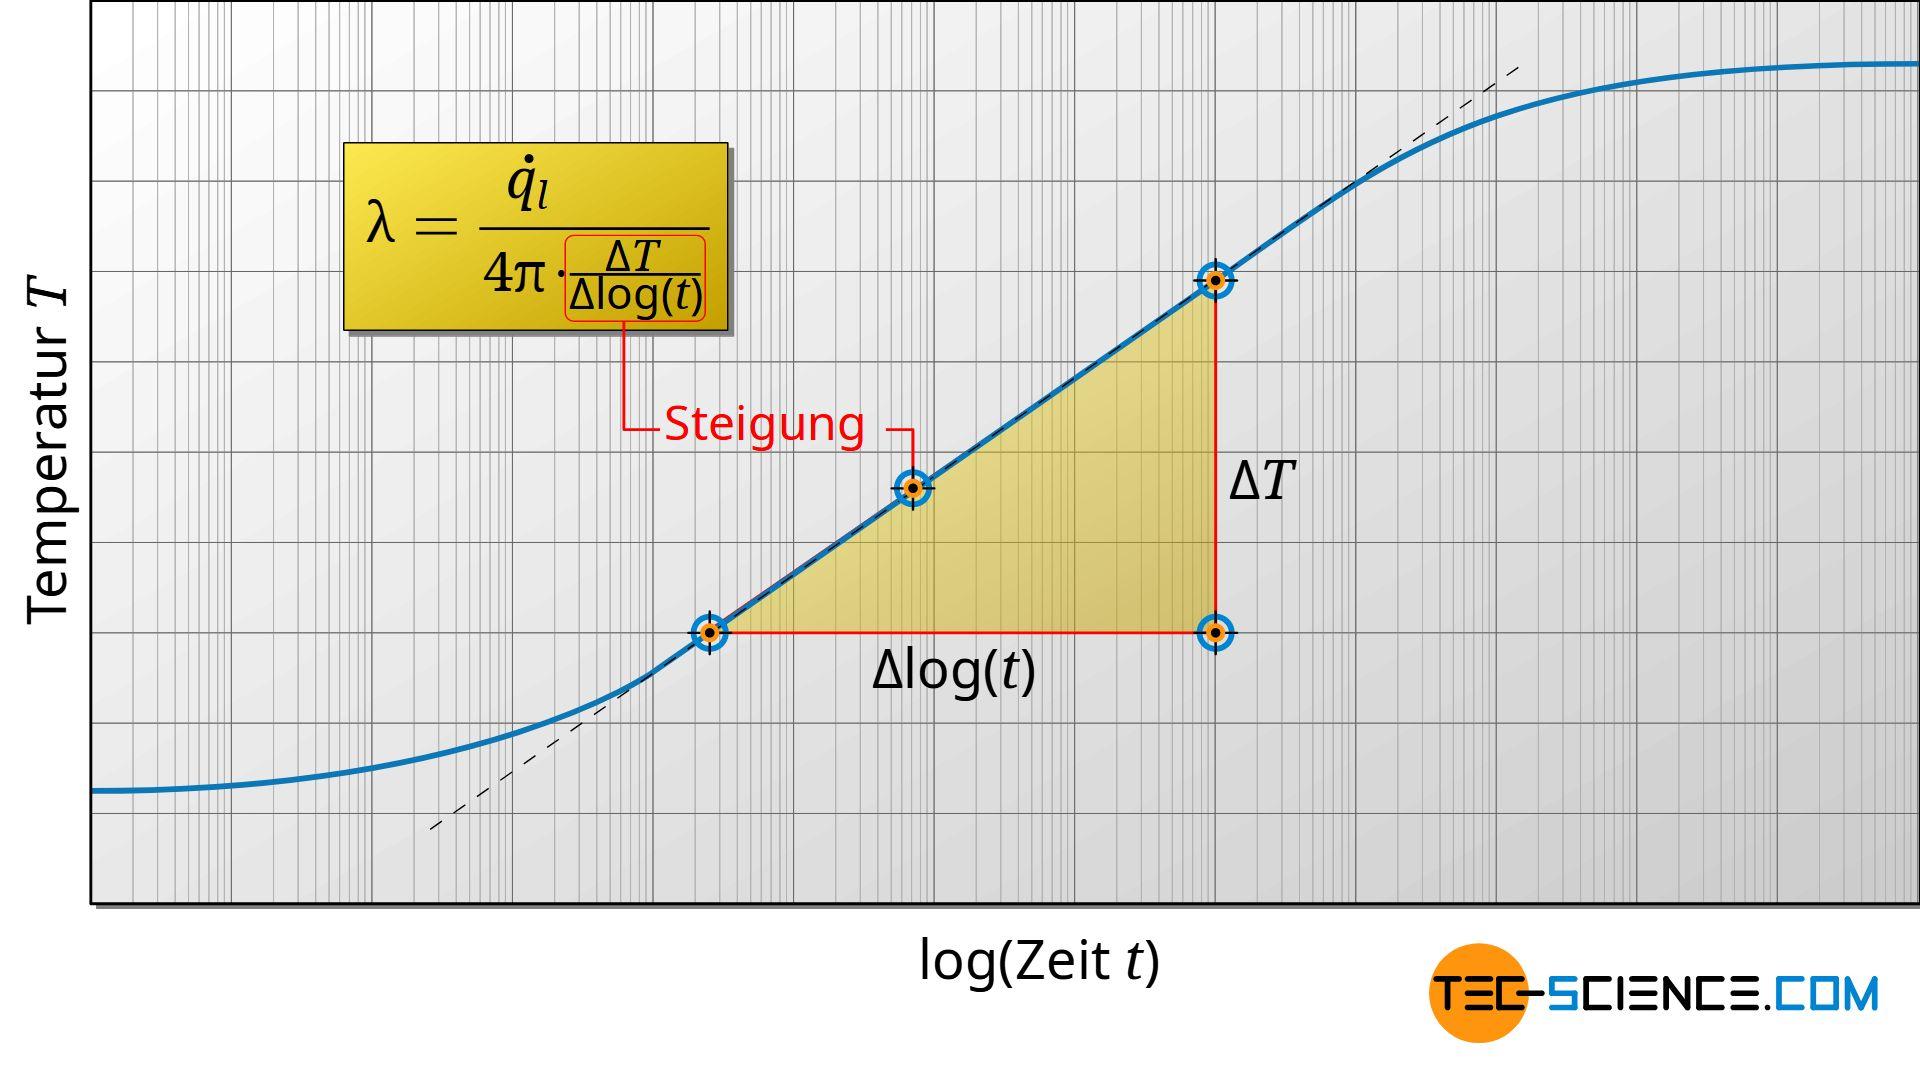 Zeit-Temperatur-Diagramm im logarithmischen Maßstab (Heizdraht-Verfahren, Transient-Hot-Wire Methode, THW)